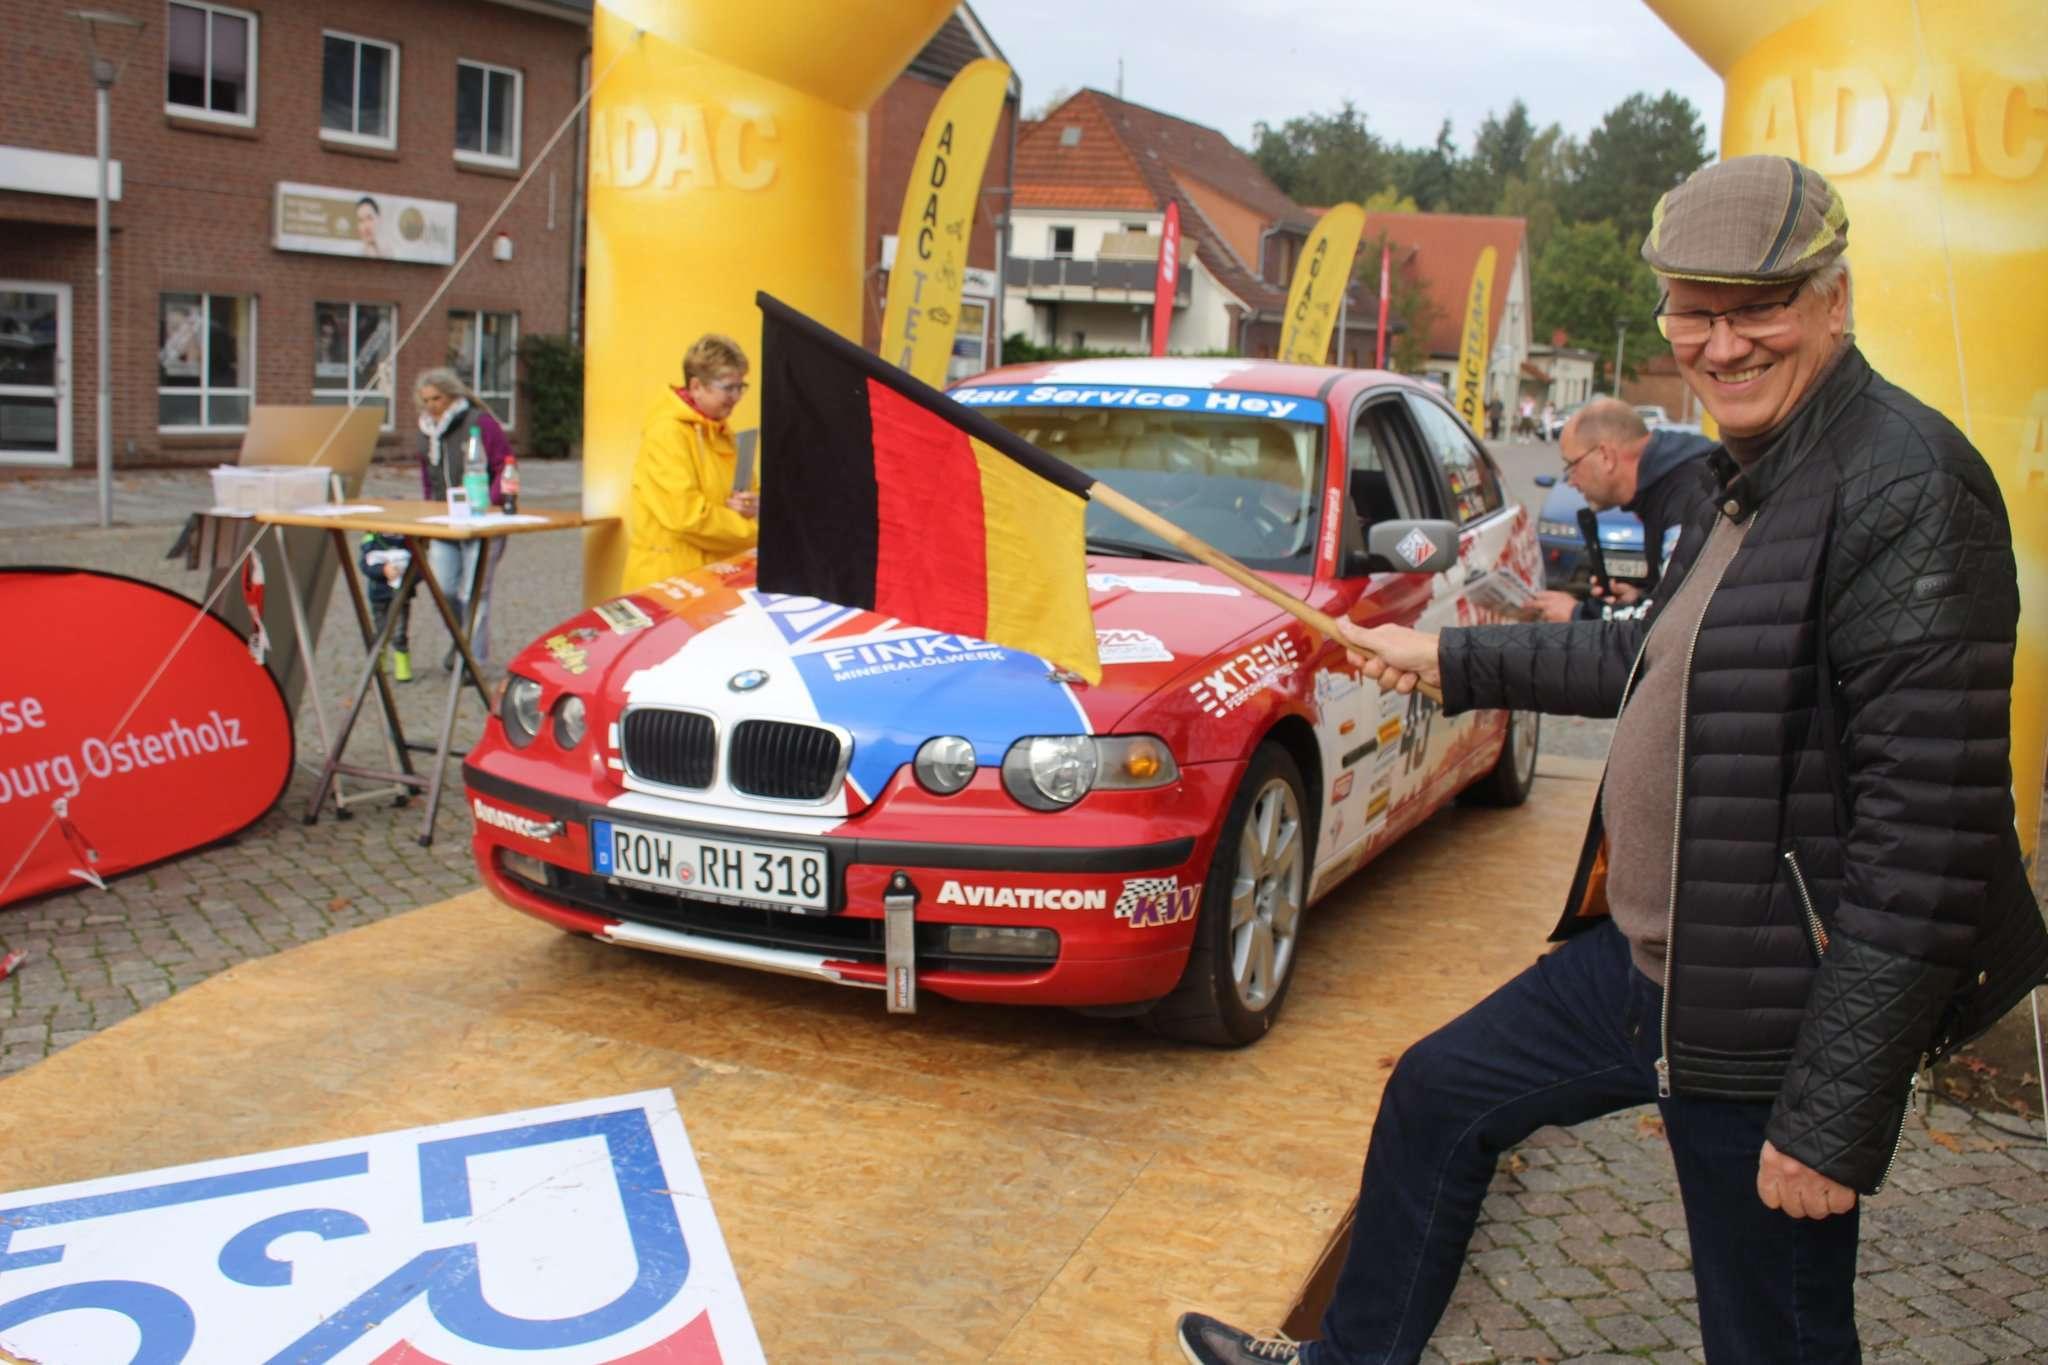 Bürgermeister Ralf Goebel schickte die ersten Starter vom Marktplatz aus per Wink mit einer Deutschlandfahne auf die Strecke. Fotos: Henning Leeske